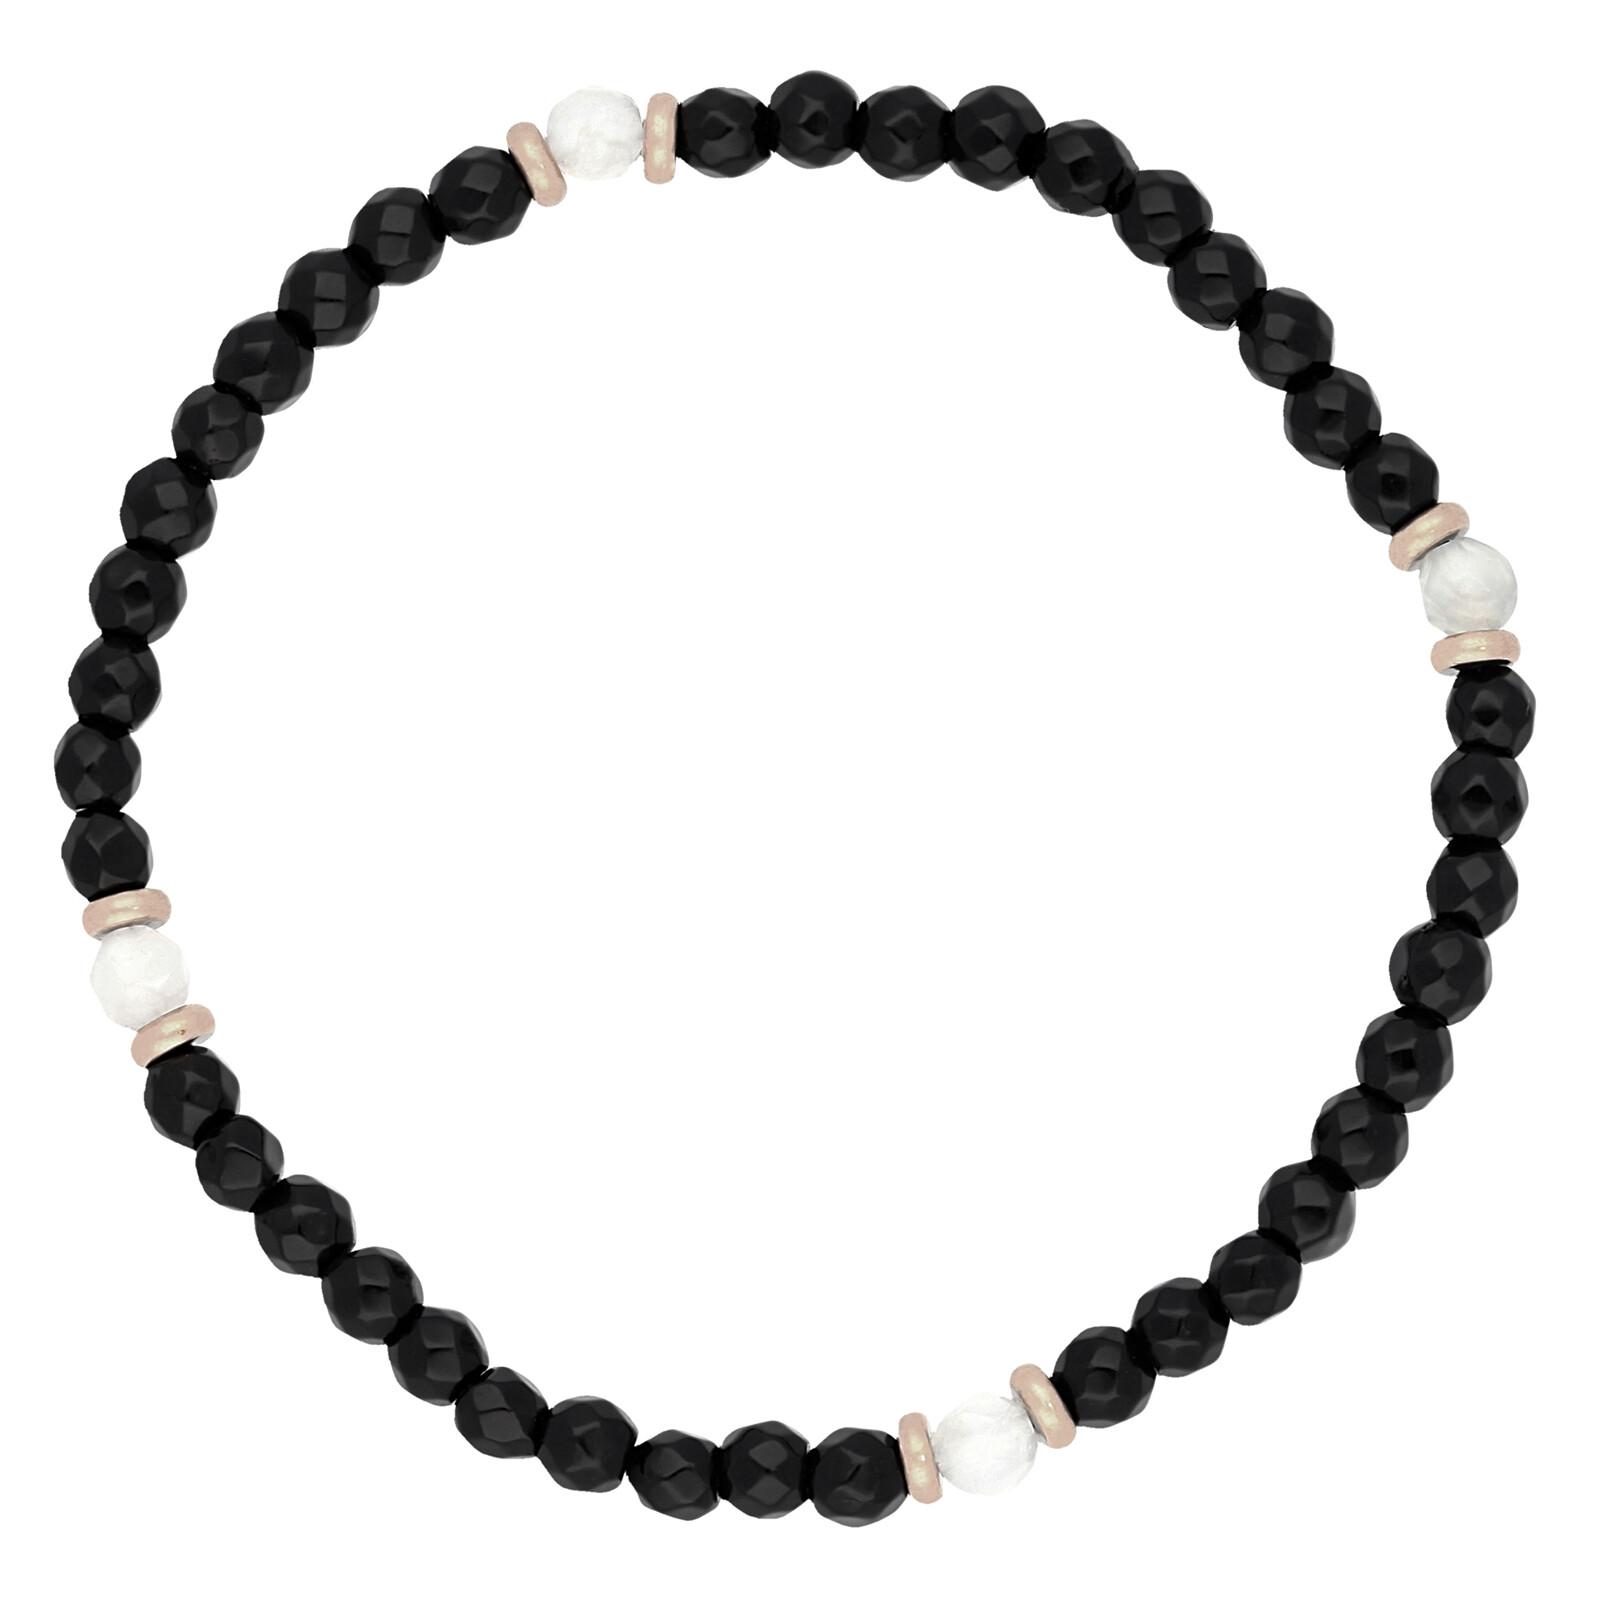 Armband Jade schwarz Achat weiß rosevergoldet echt Silber